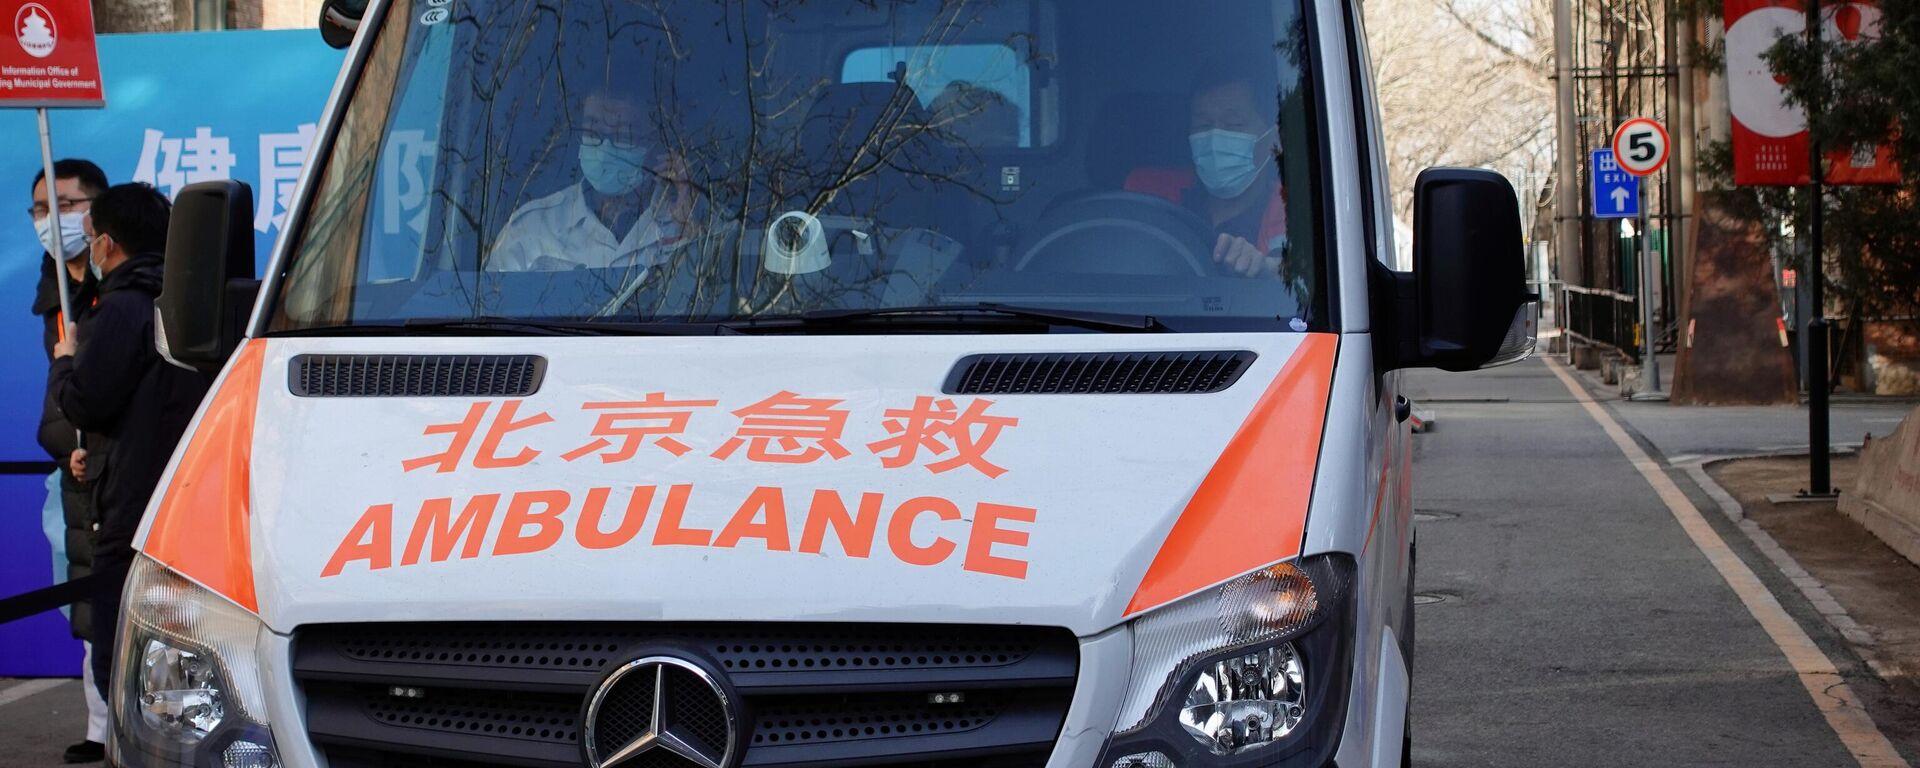 Ein Rettungswagen in China - SNA, 1920, 13.06.2021